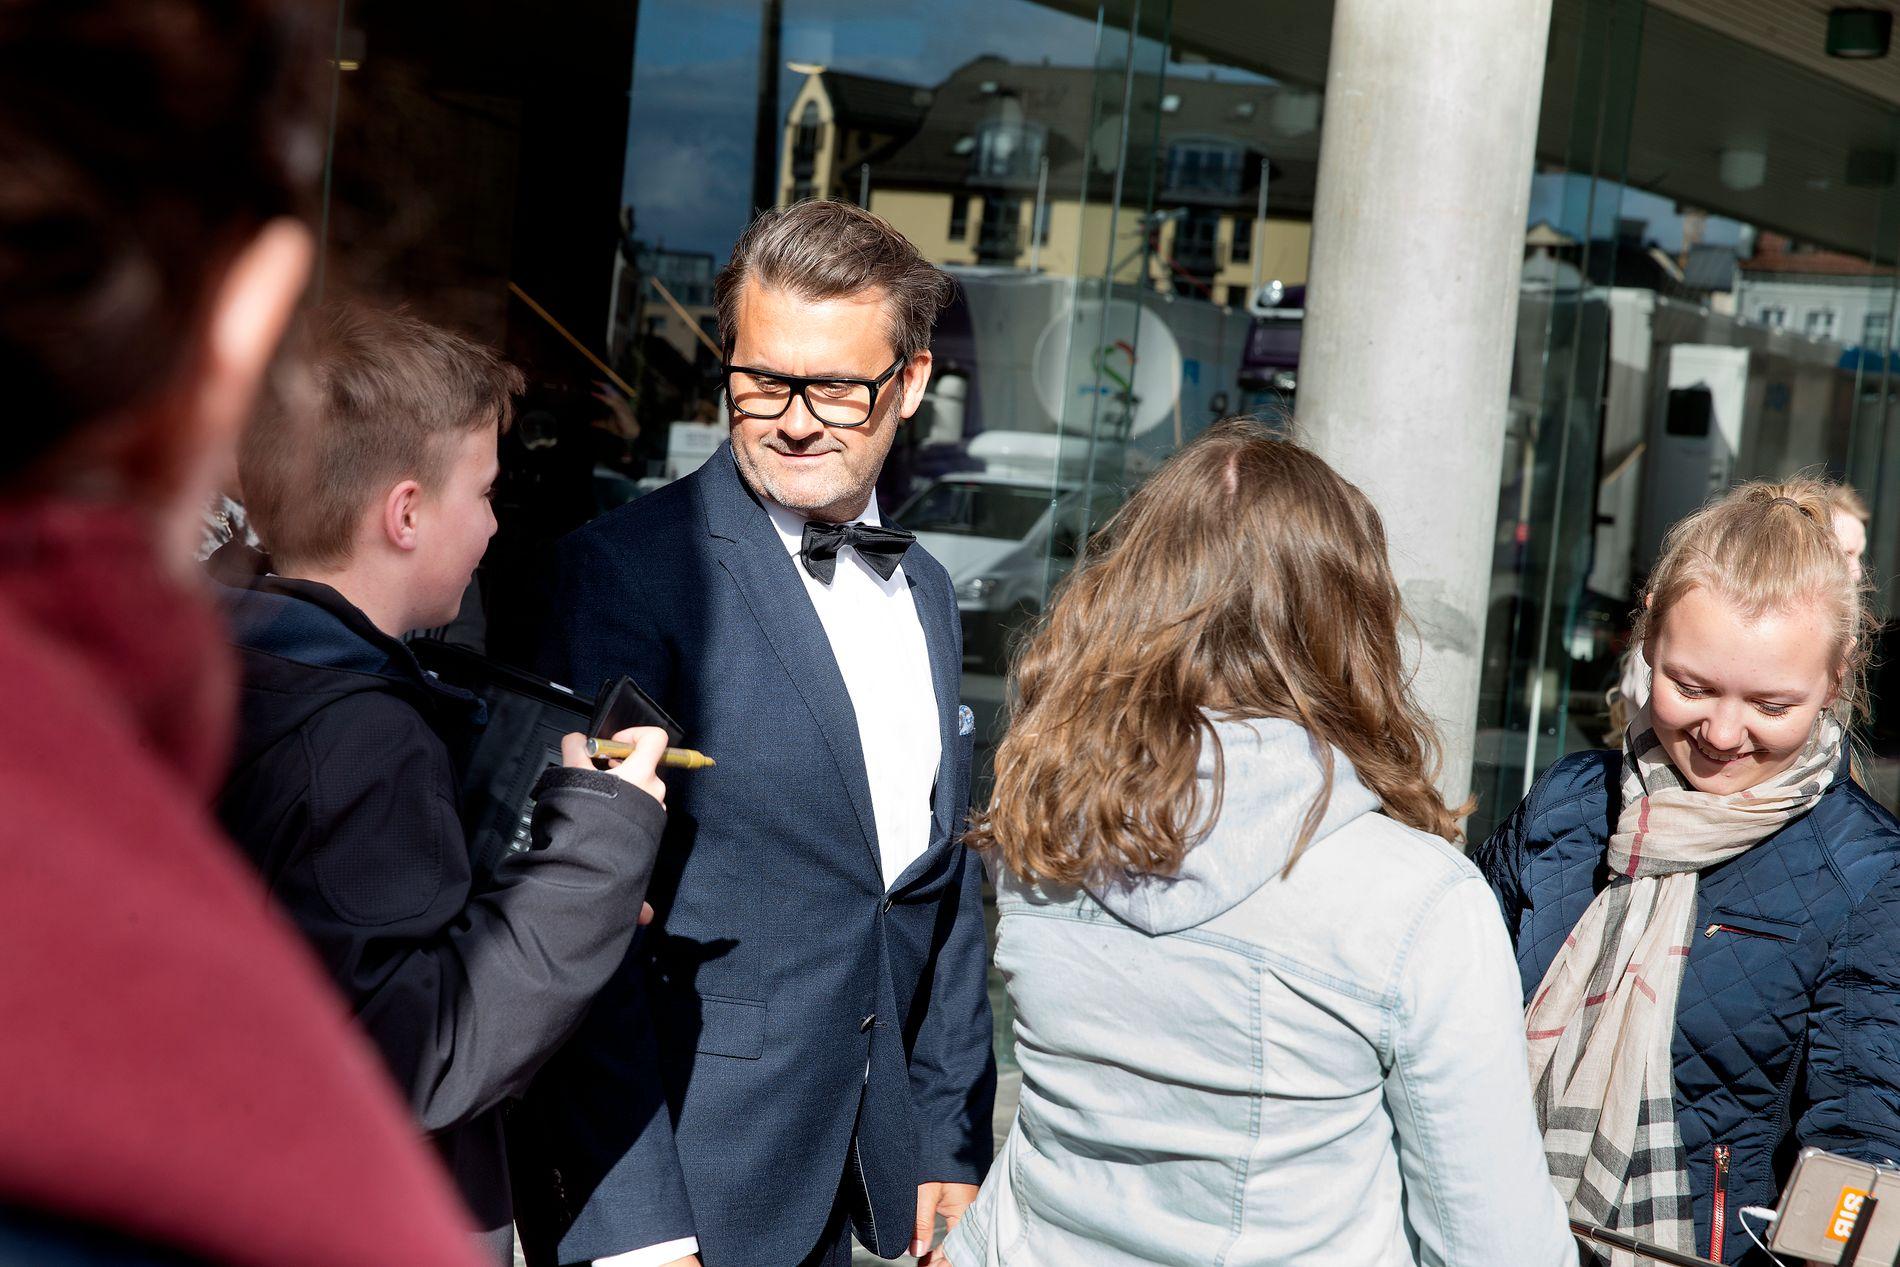 TRYGDET: Det var et kort møte, men Sander Jung fikk sneket seg gjennom folkemengden for å få en autograf fra Trygdekontoretsjef Thomas Seltzer.